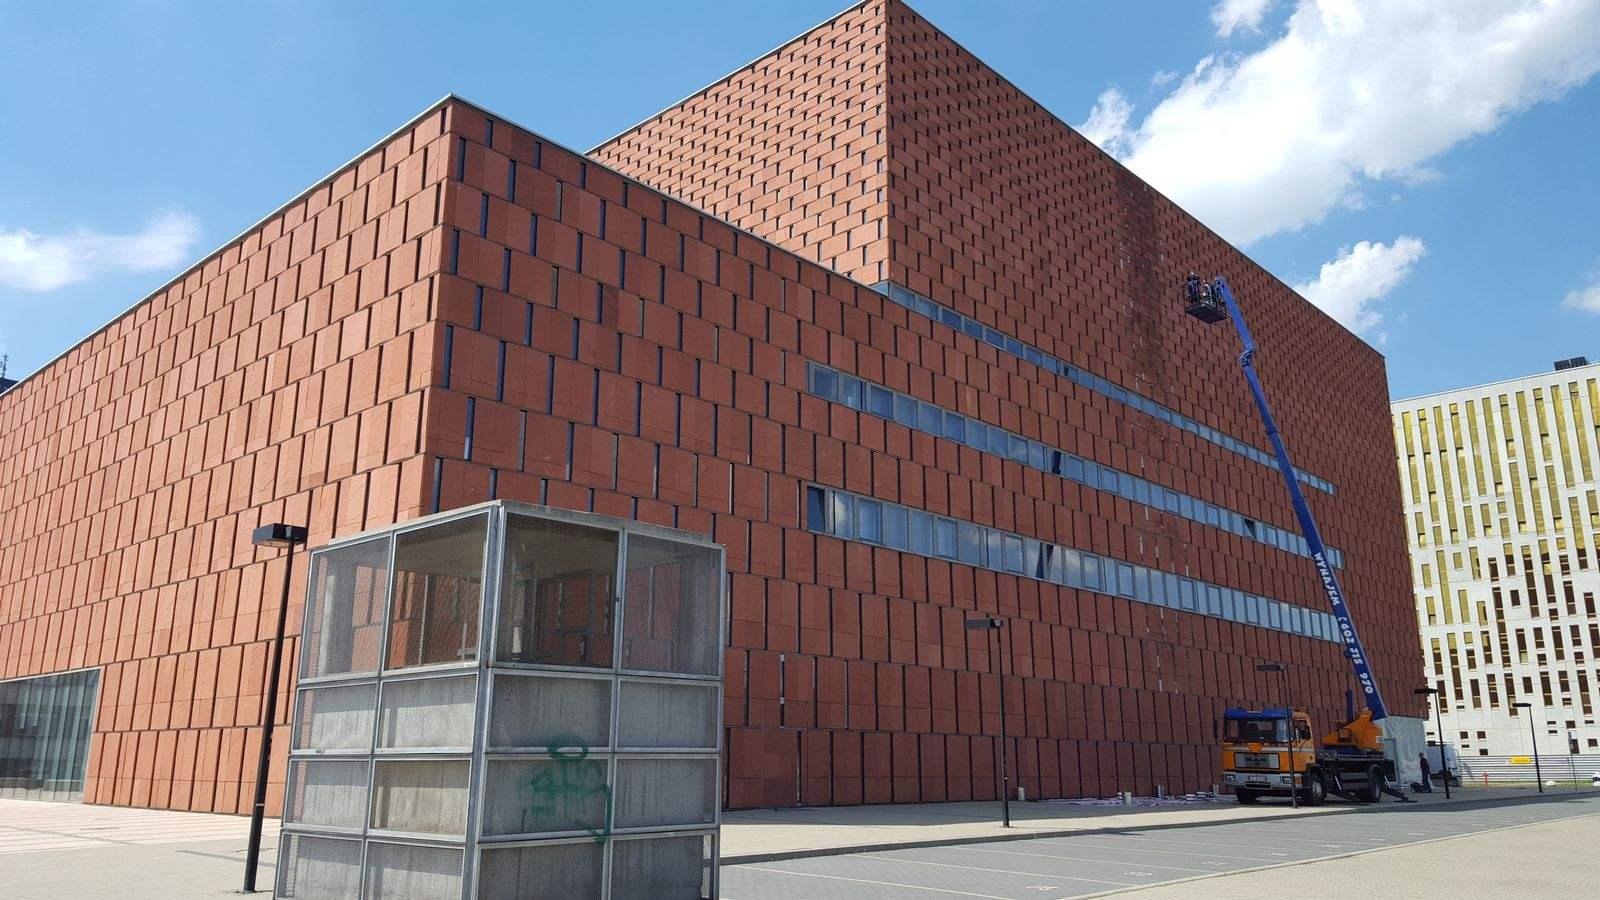 15 Biblioteka Uniwersytet Ślaski w Katowicach - Hydrofobizacja